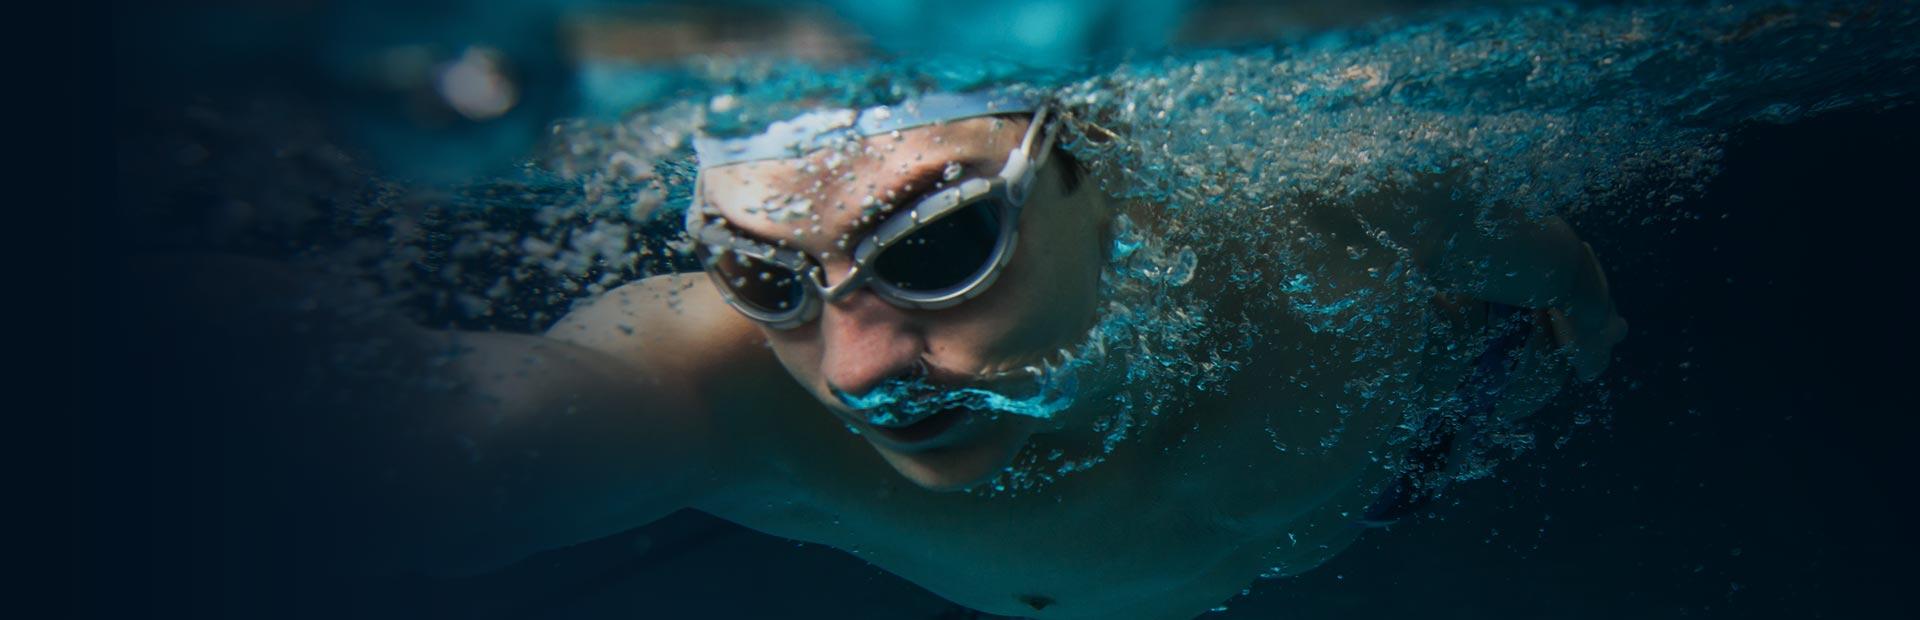 swim-banner-img-1.jpg